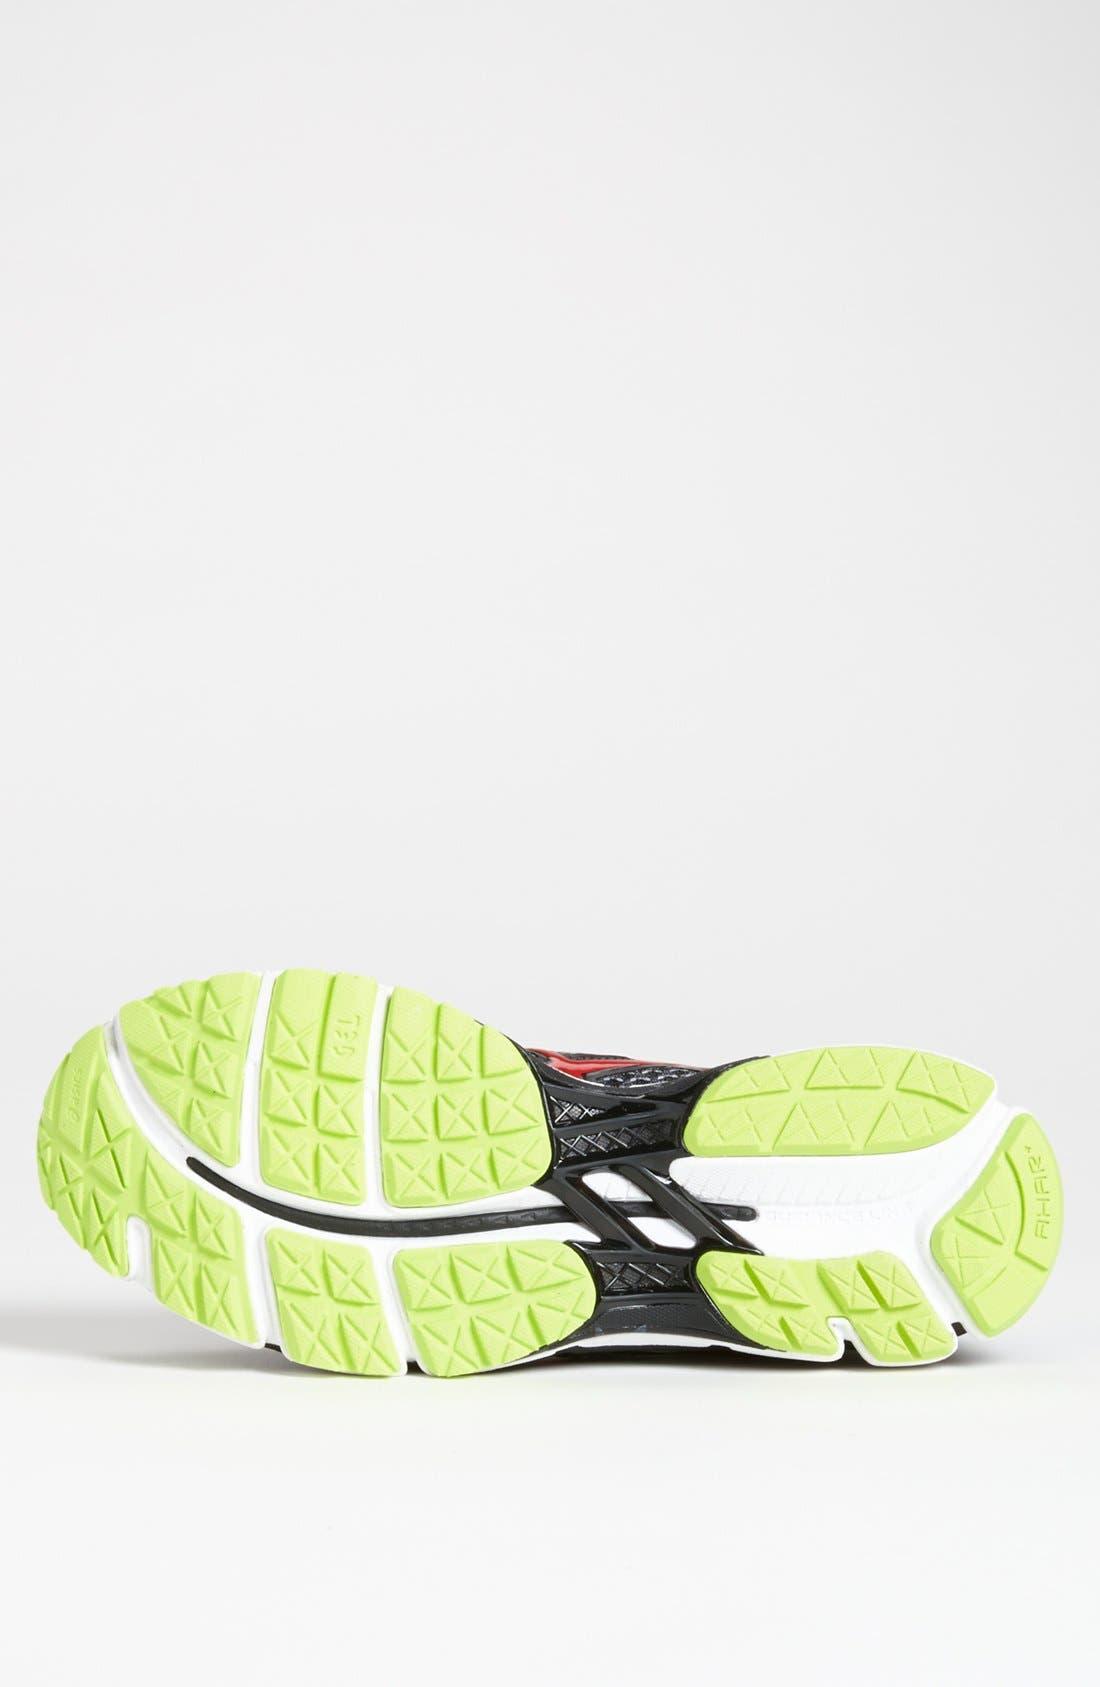 Alternate Image 4  - ASICS® 'GEL-Kayano® 19' Running Shoe (Men) (Online Only) (Regular Retail Price: $144.95)